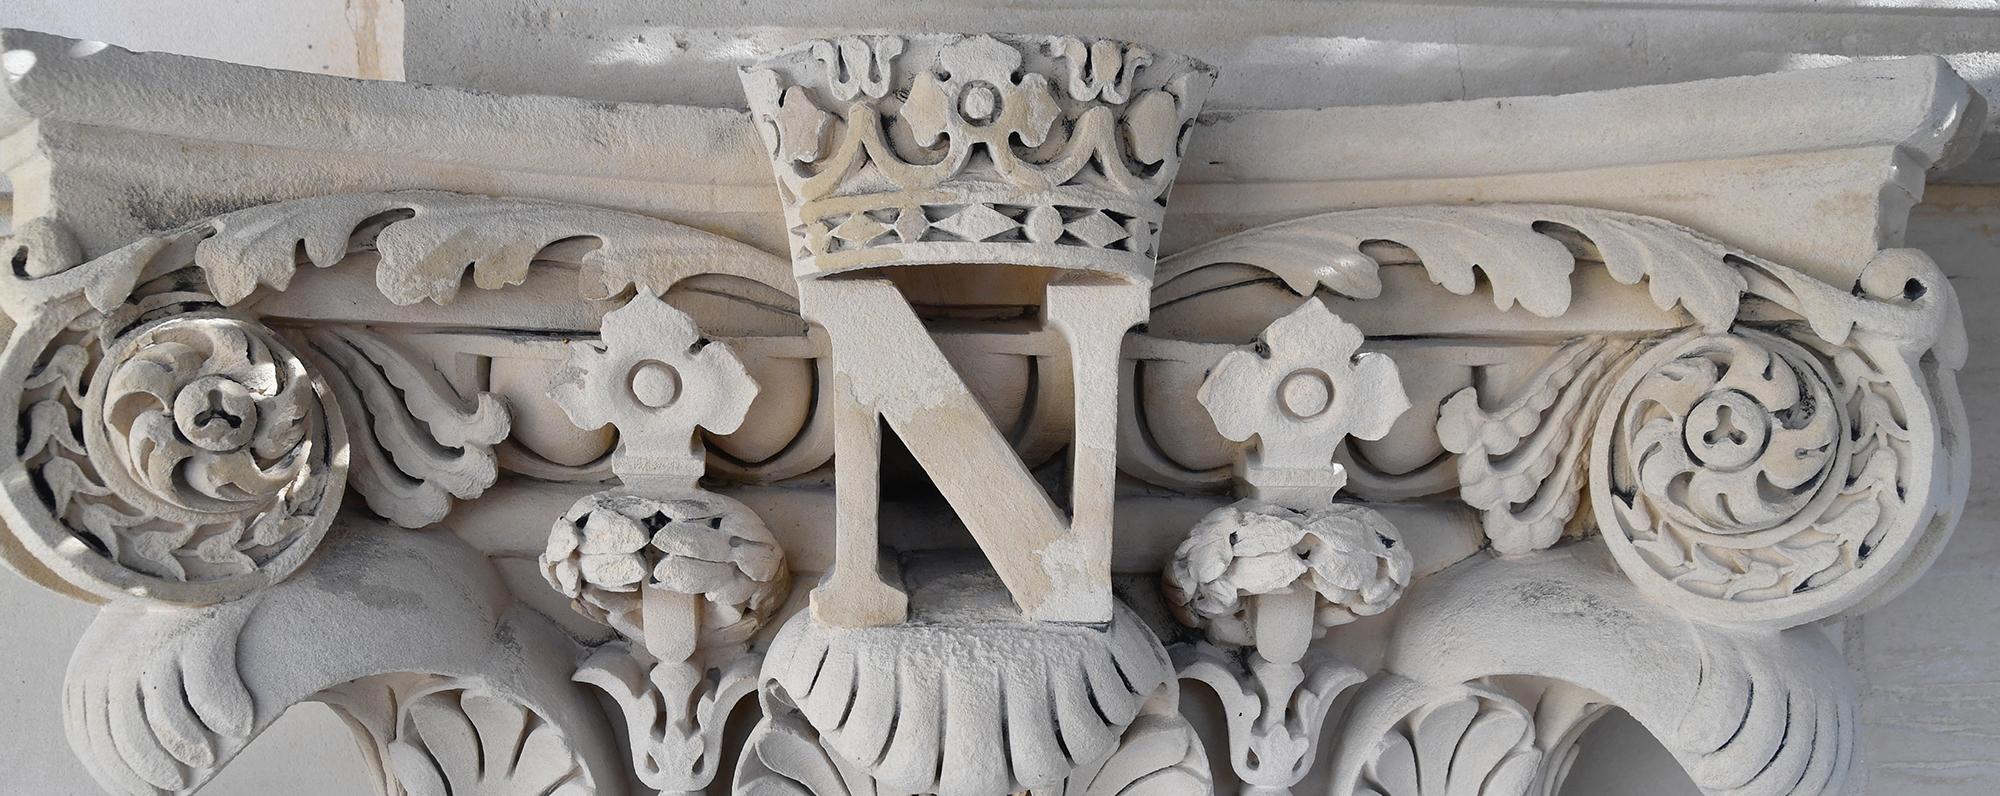 Tollis cour Lefuel Louvre